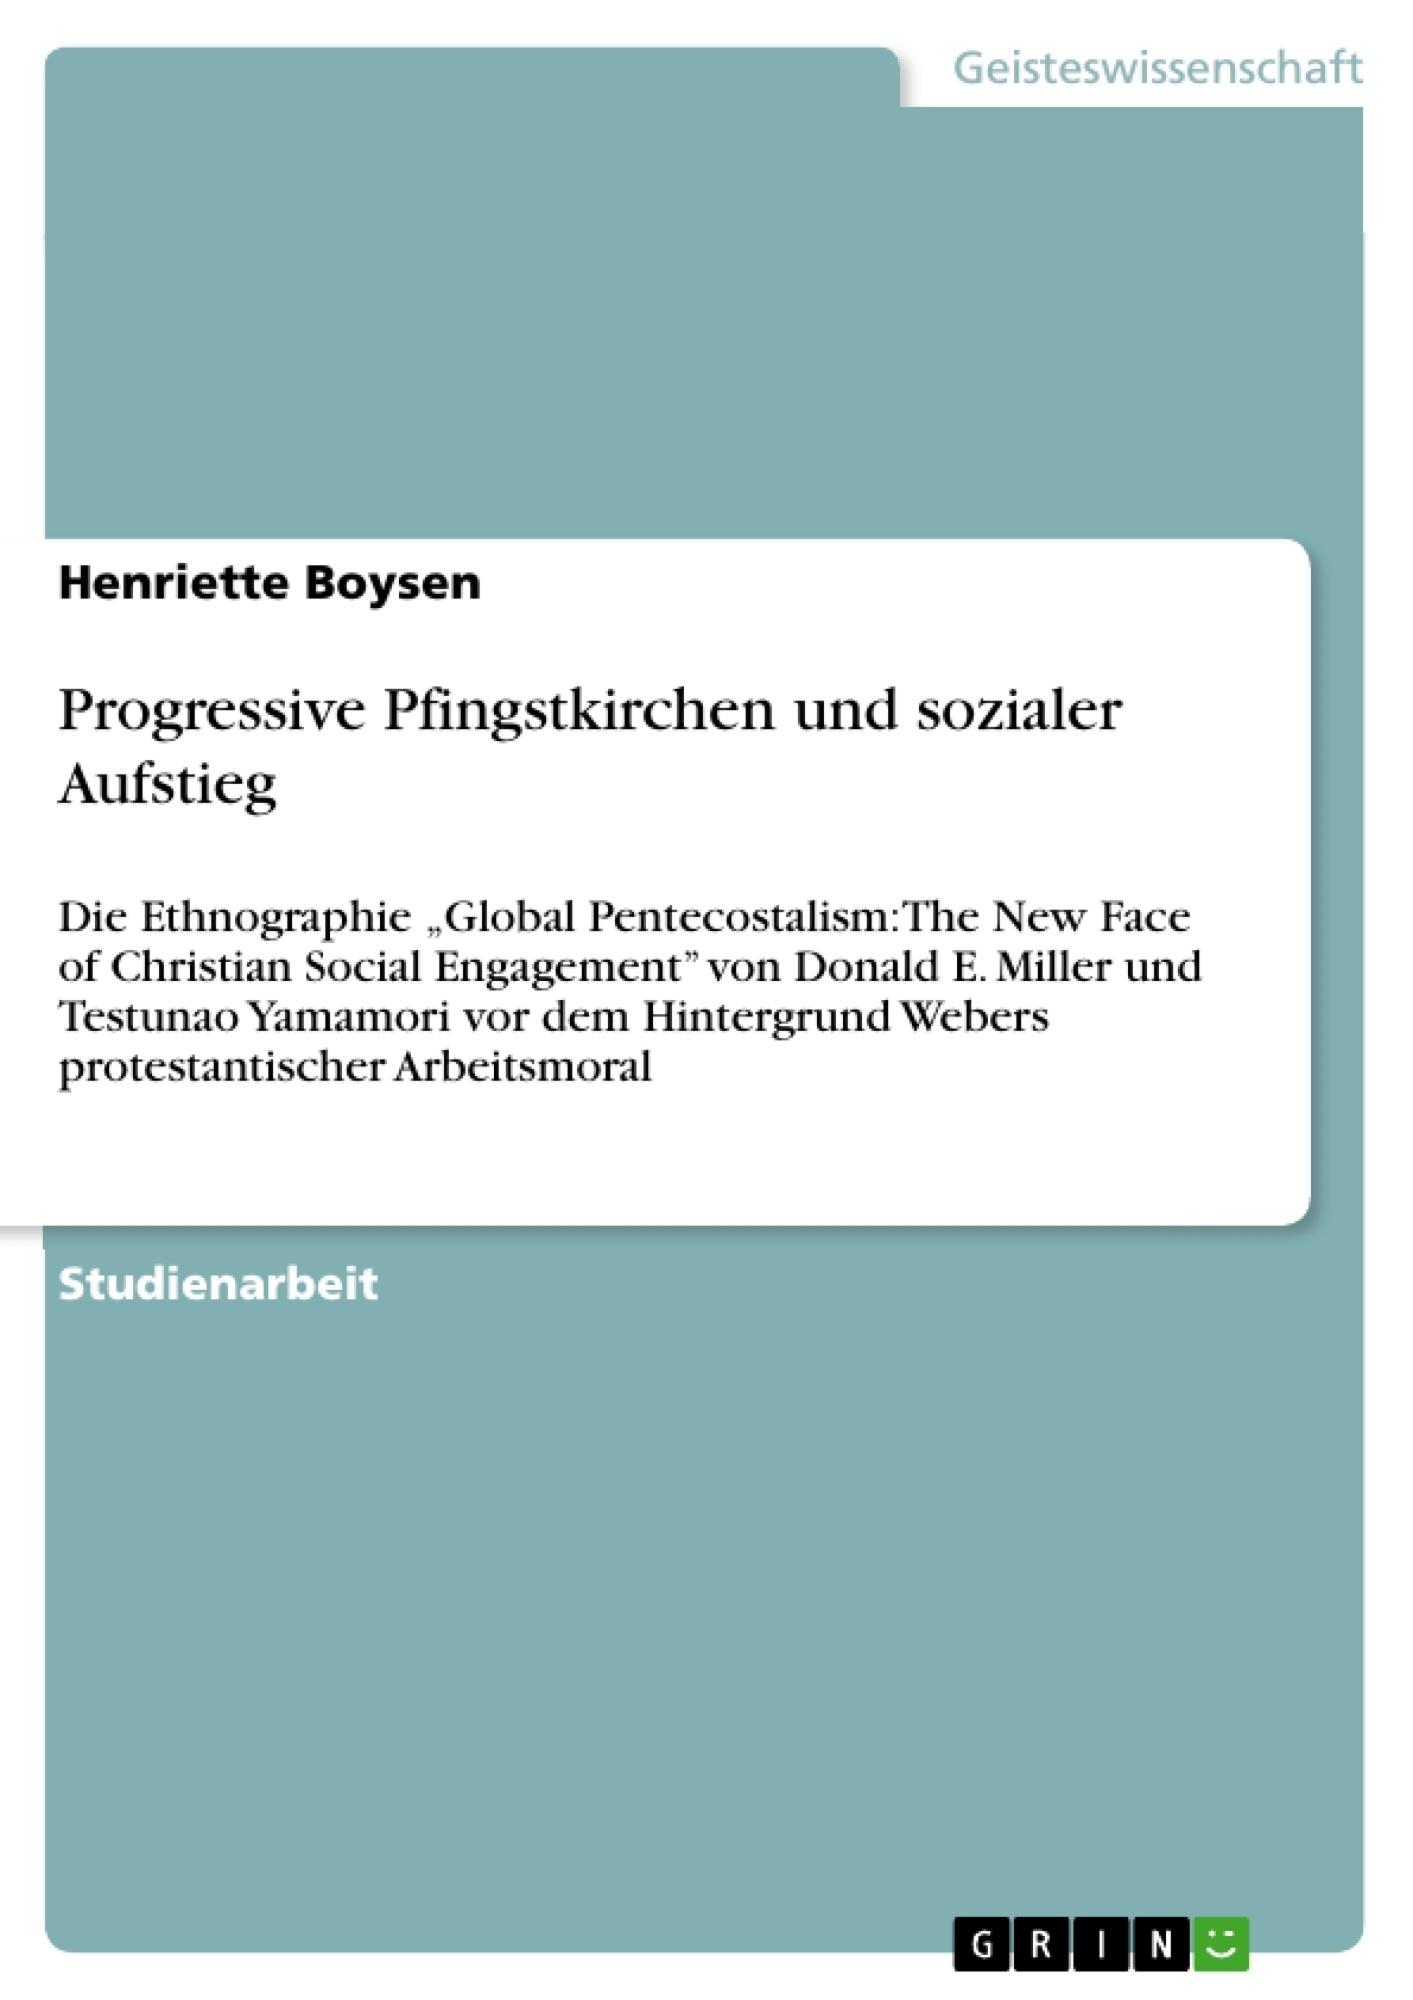 Titel: Progressive Pfingstkirchen und sozialer Aufstieg